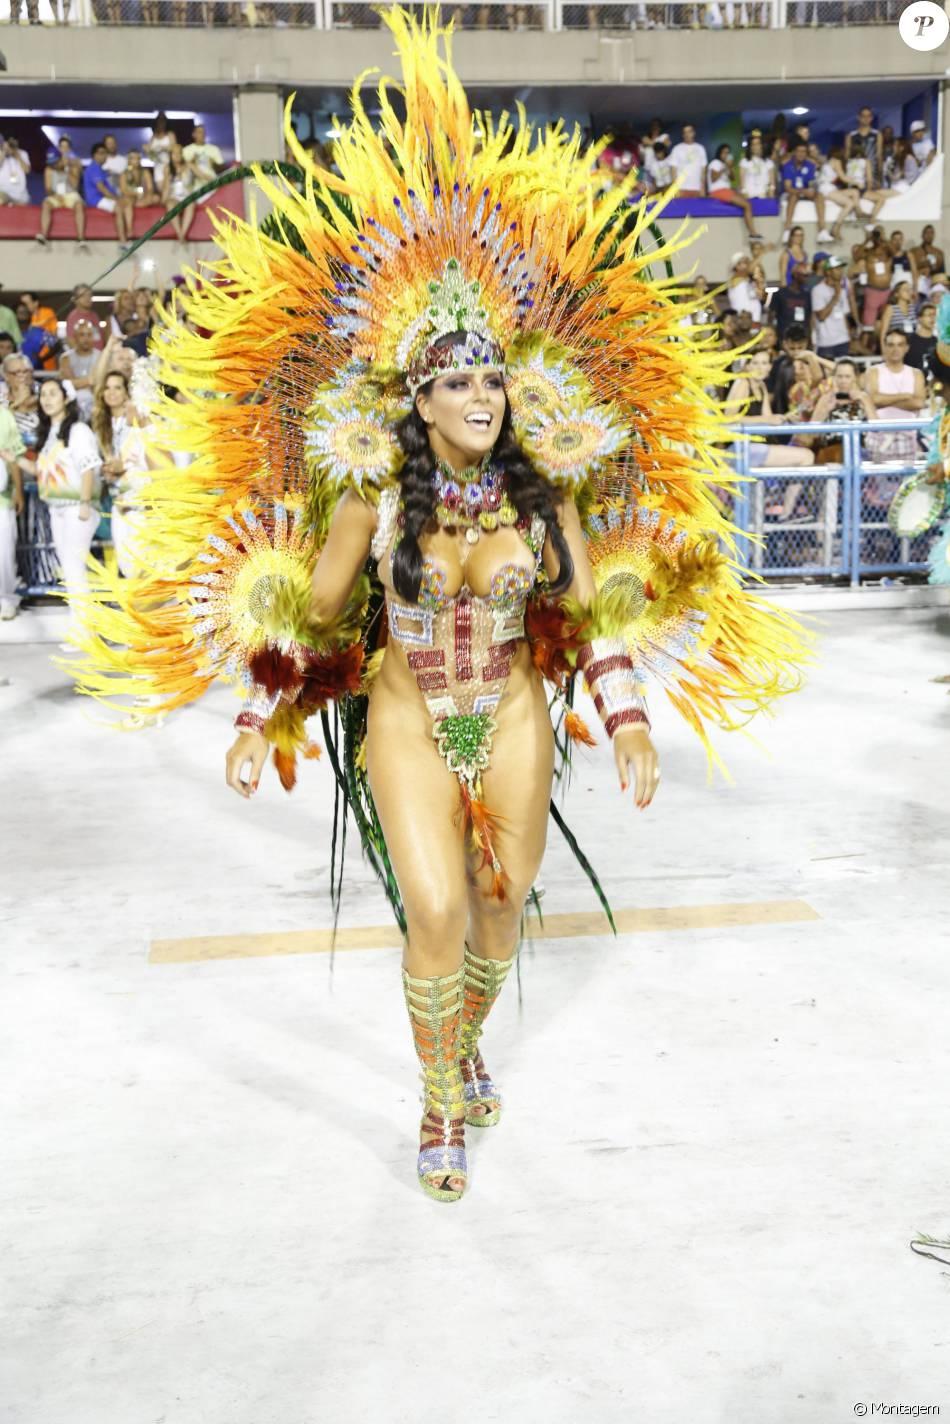 Jaqueline Maia desfilou pela Acadêmicos de Santa Cruz. O público duvidou se a rainha estava com tapa-sexo, calcinha ou sem nada quando parte de sua fantasia levantou durante o desfile